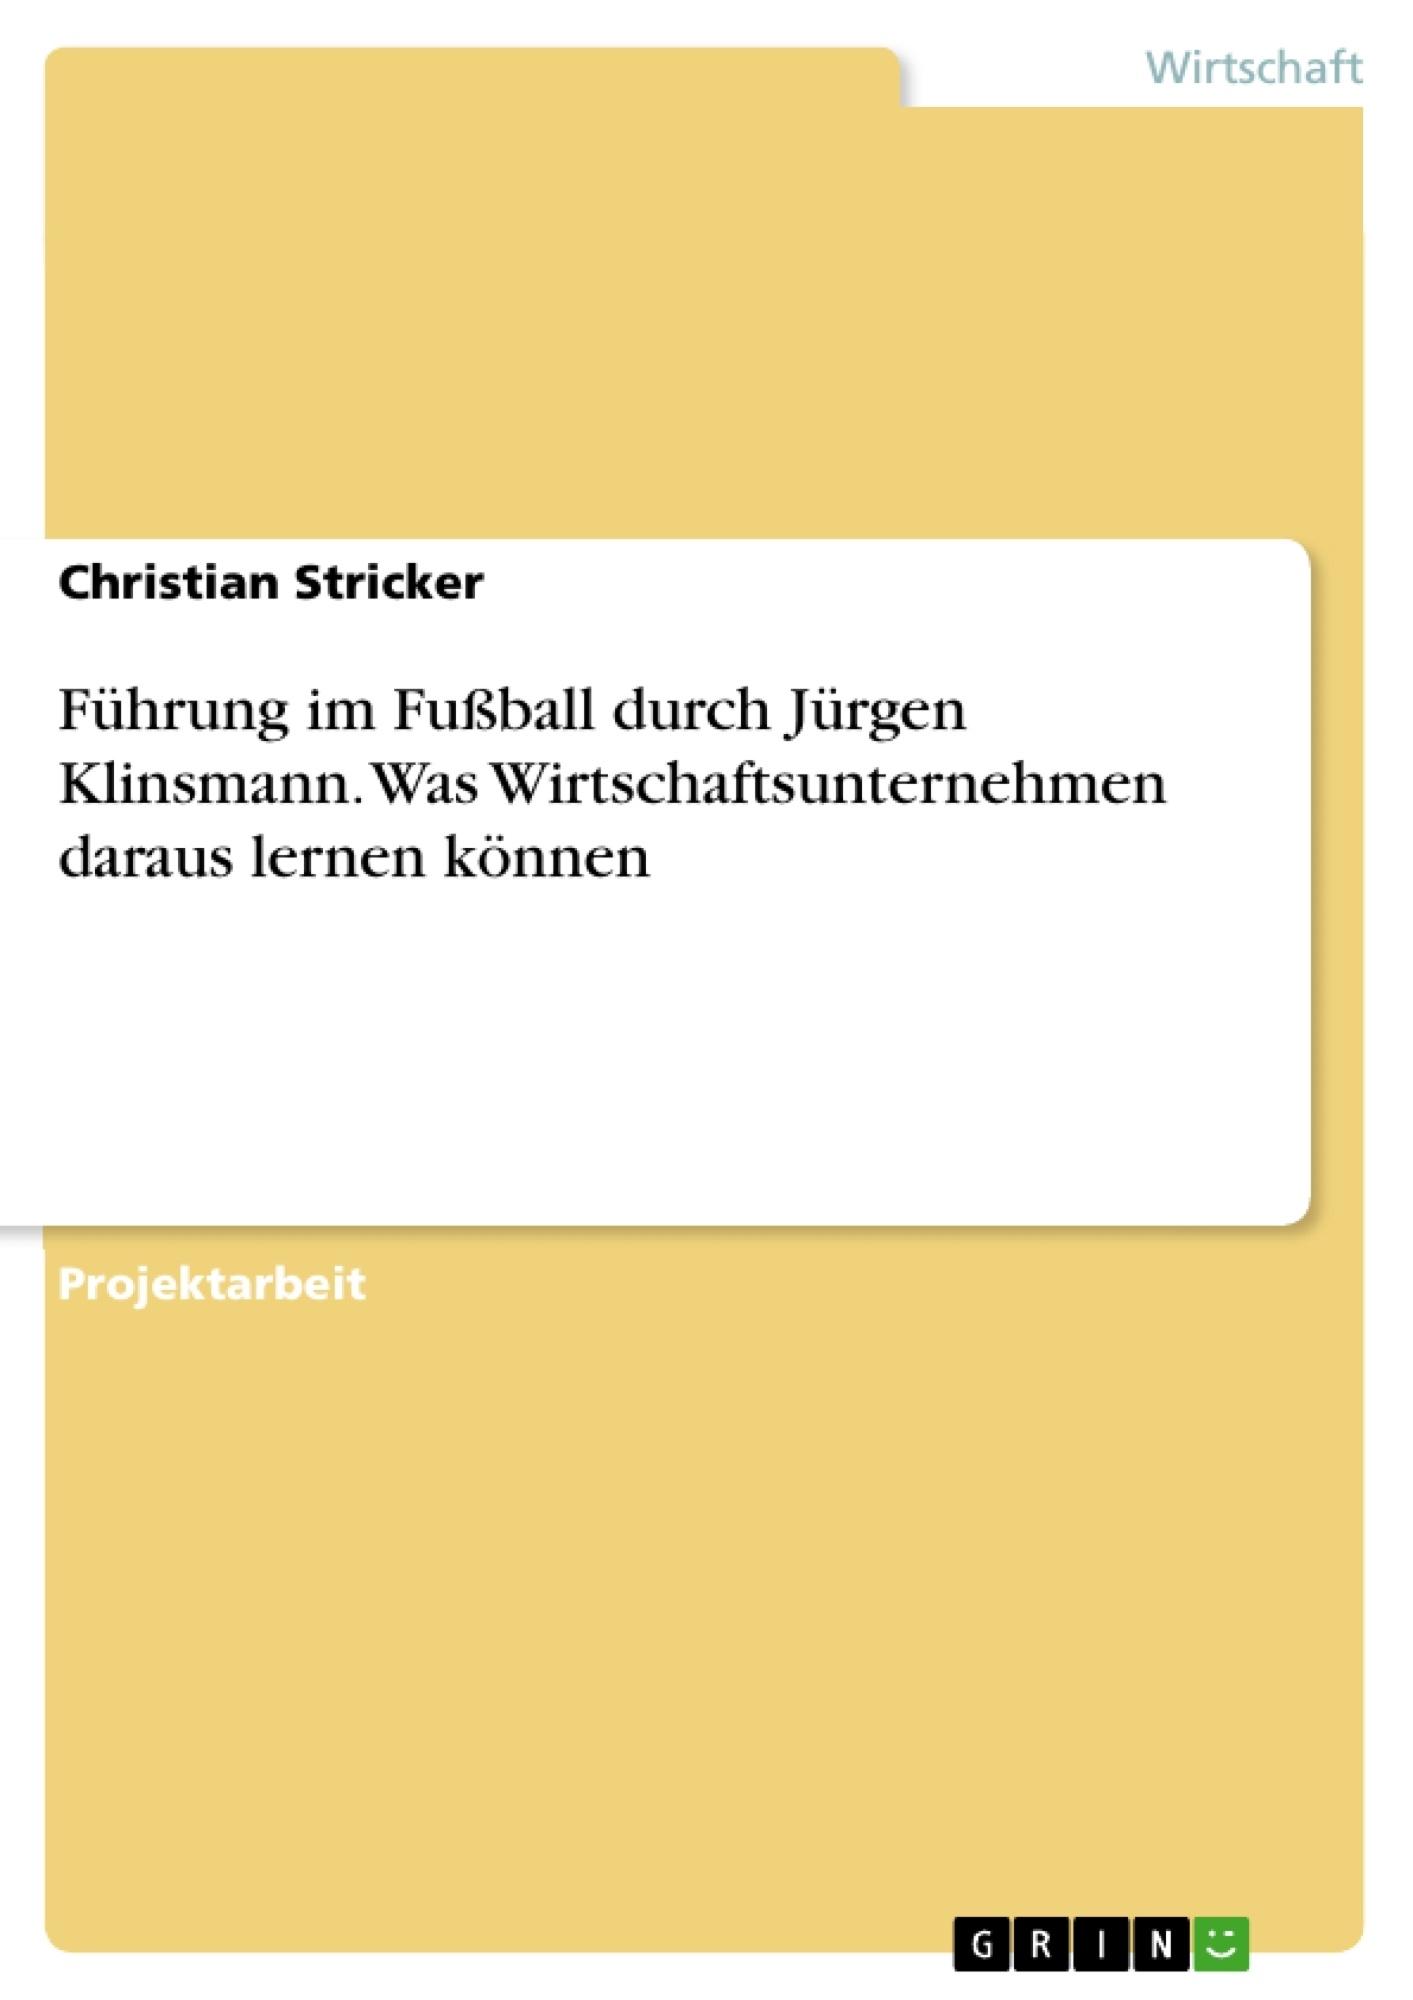 Titel: Führung im Fußball durch Jürgen Klinsmann. Was Wirtschaftsunternehmen daraus lernen können